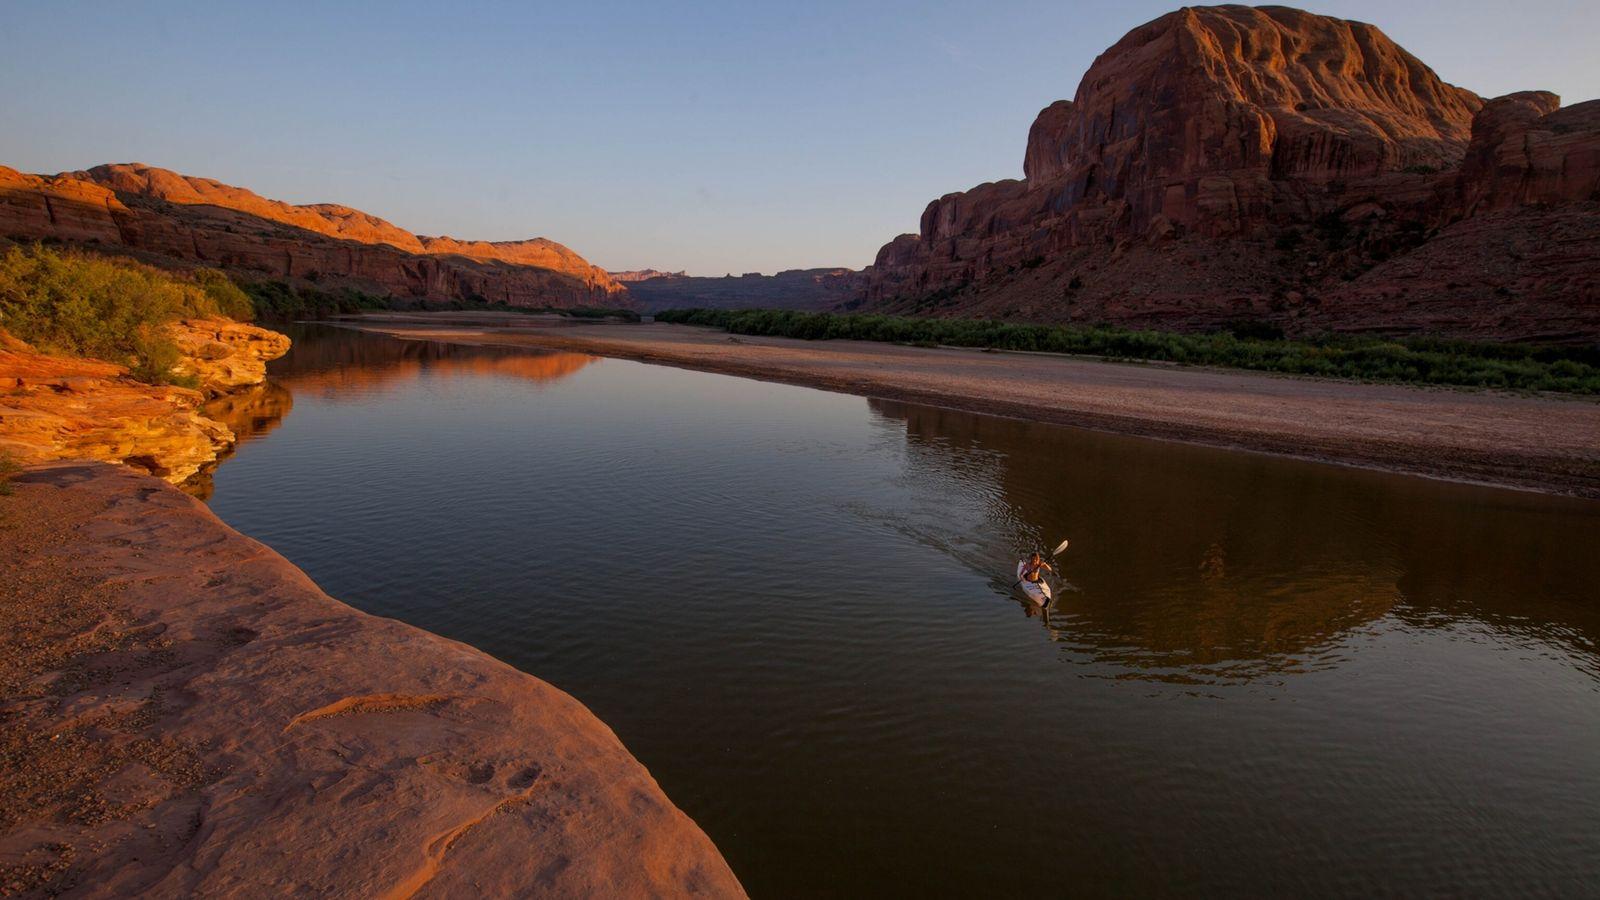 Praticante de canoagem no rio Colorado, no estado de Utah.